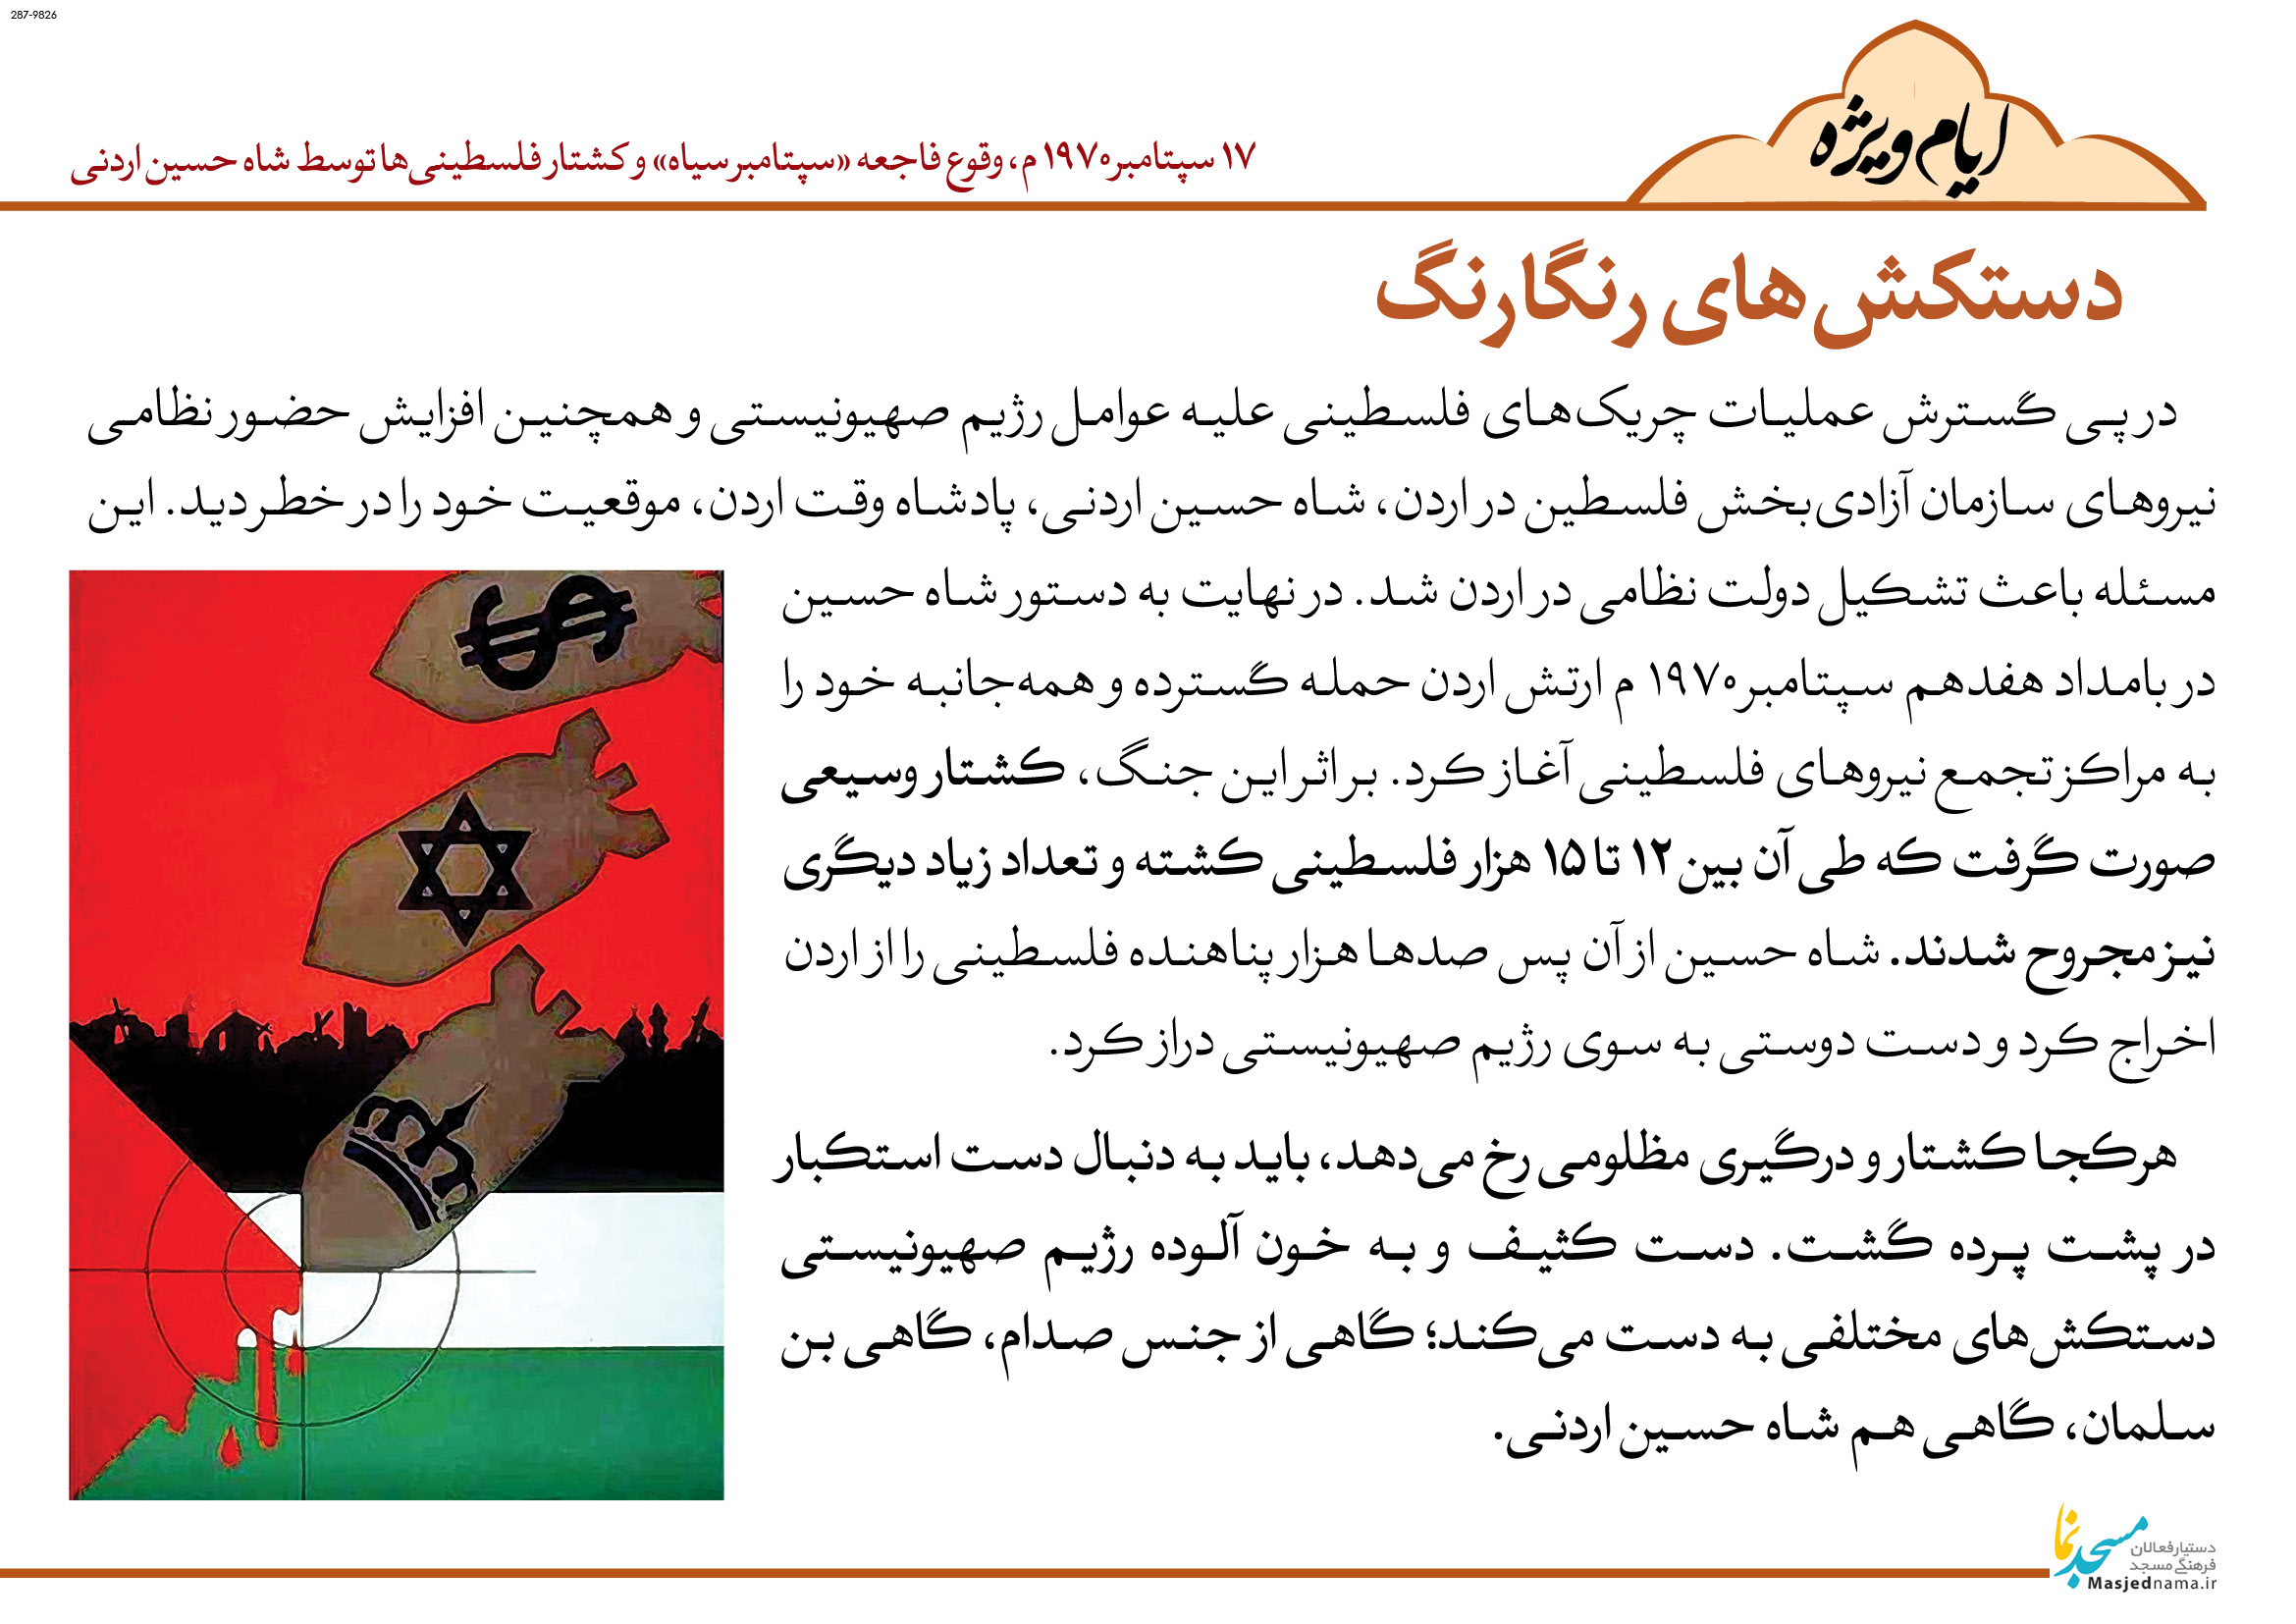 فاجعه «سپتامبر سیاه» و کشتار فلسطینیها توسط شاه حسین اردنی